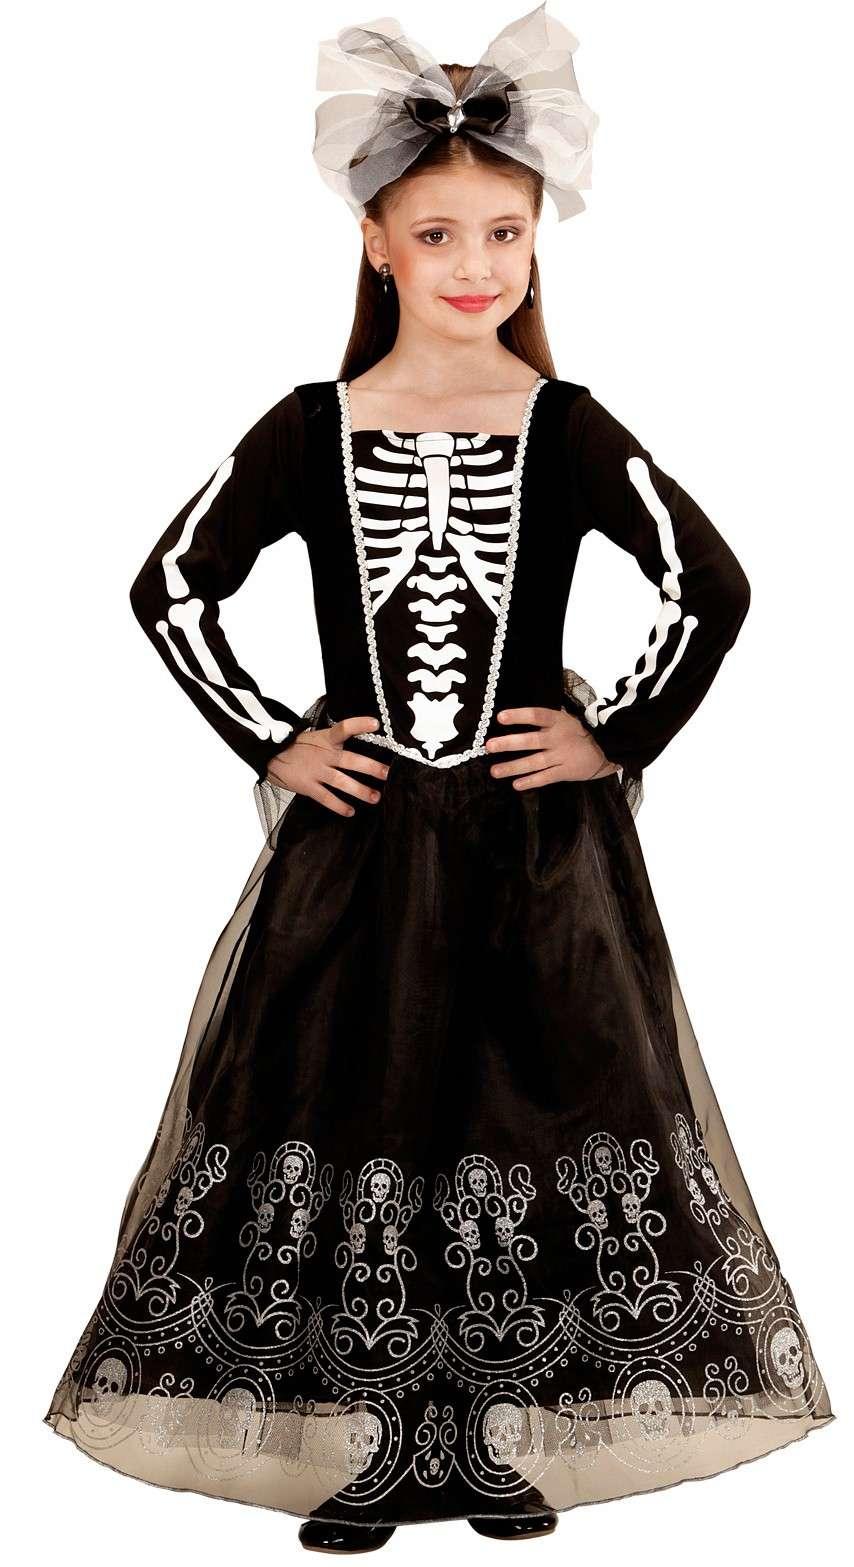 skelett dame alma kinderkostuem 18l7aIy7LHuDUd 1280x1280 2x